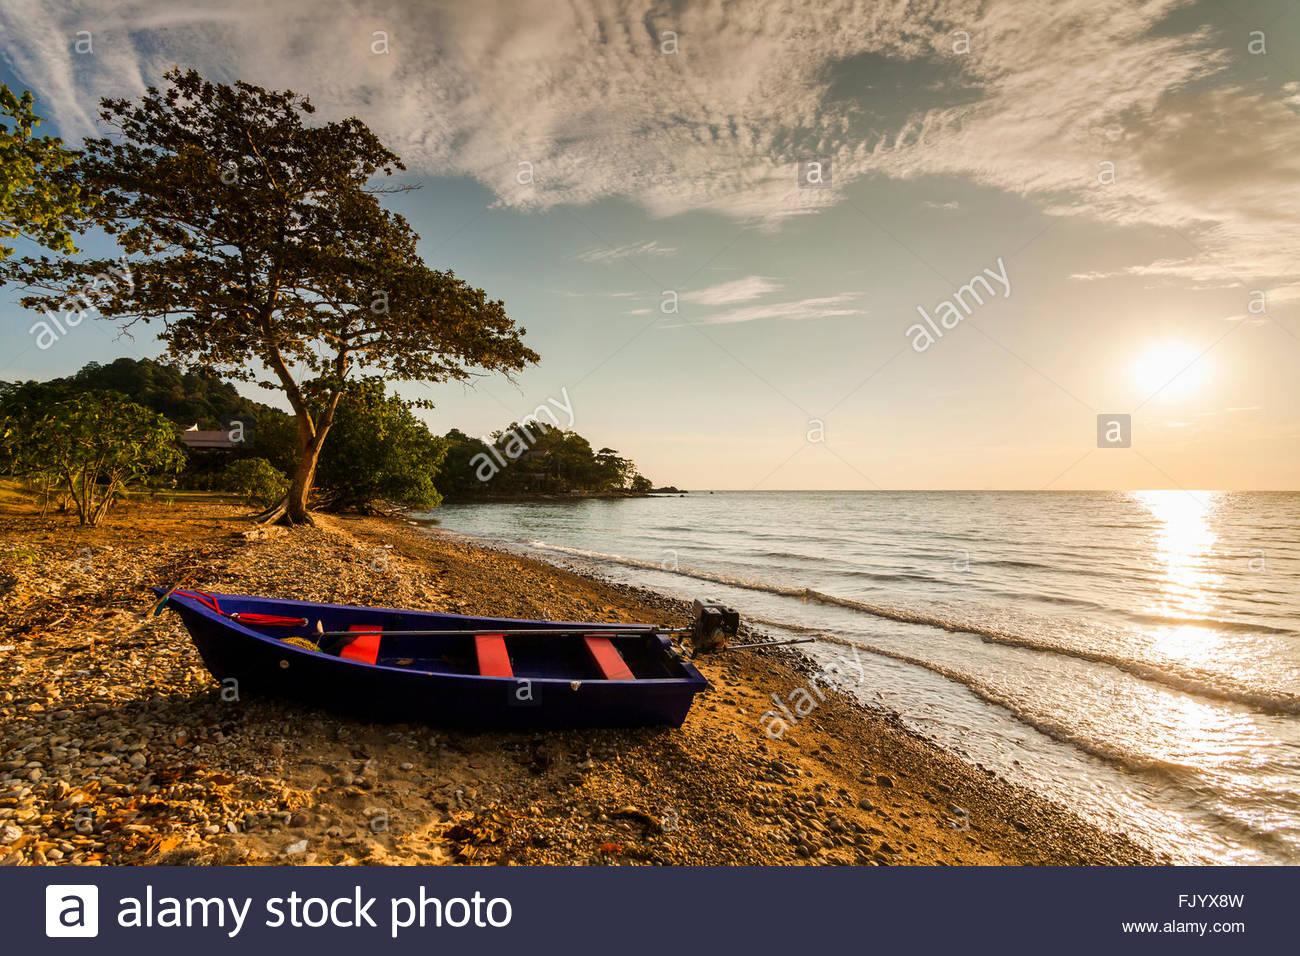 Angelboot/Fischerboot am Ufer einer tropischen Insel. Koh Chang. Thailand. Stockbild